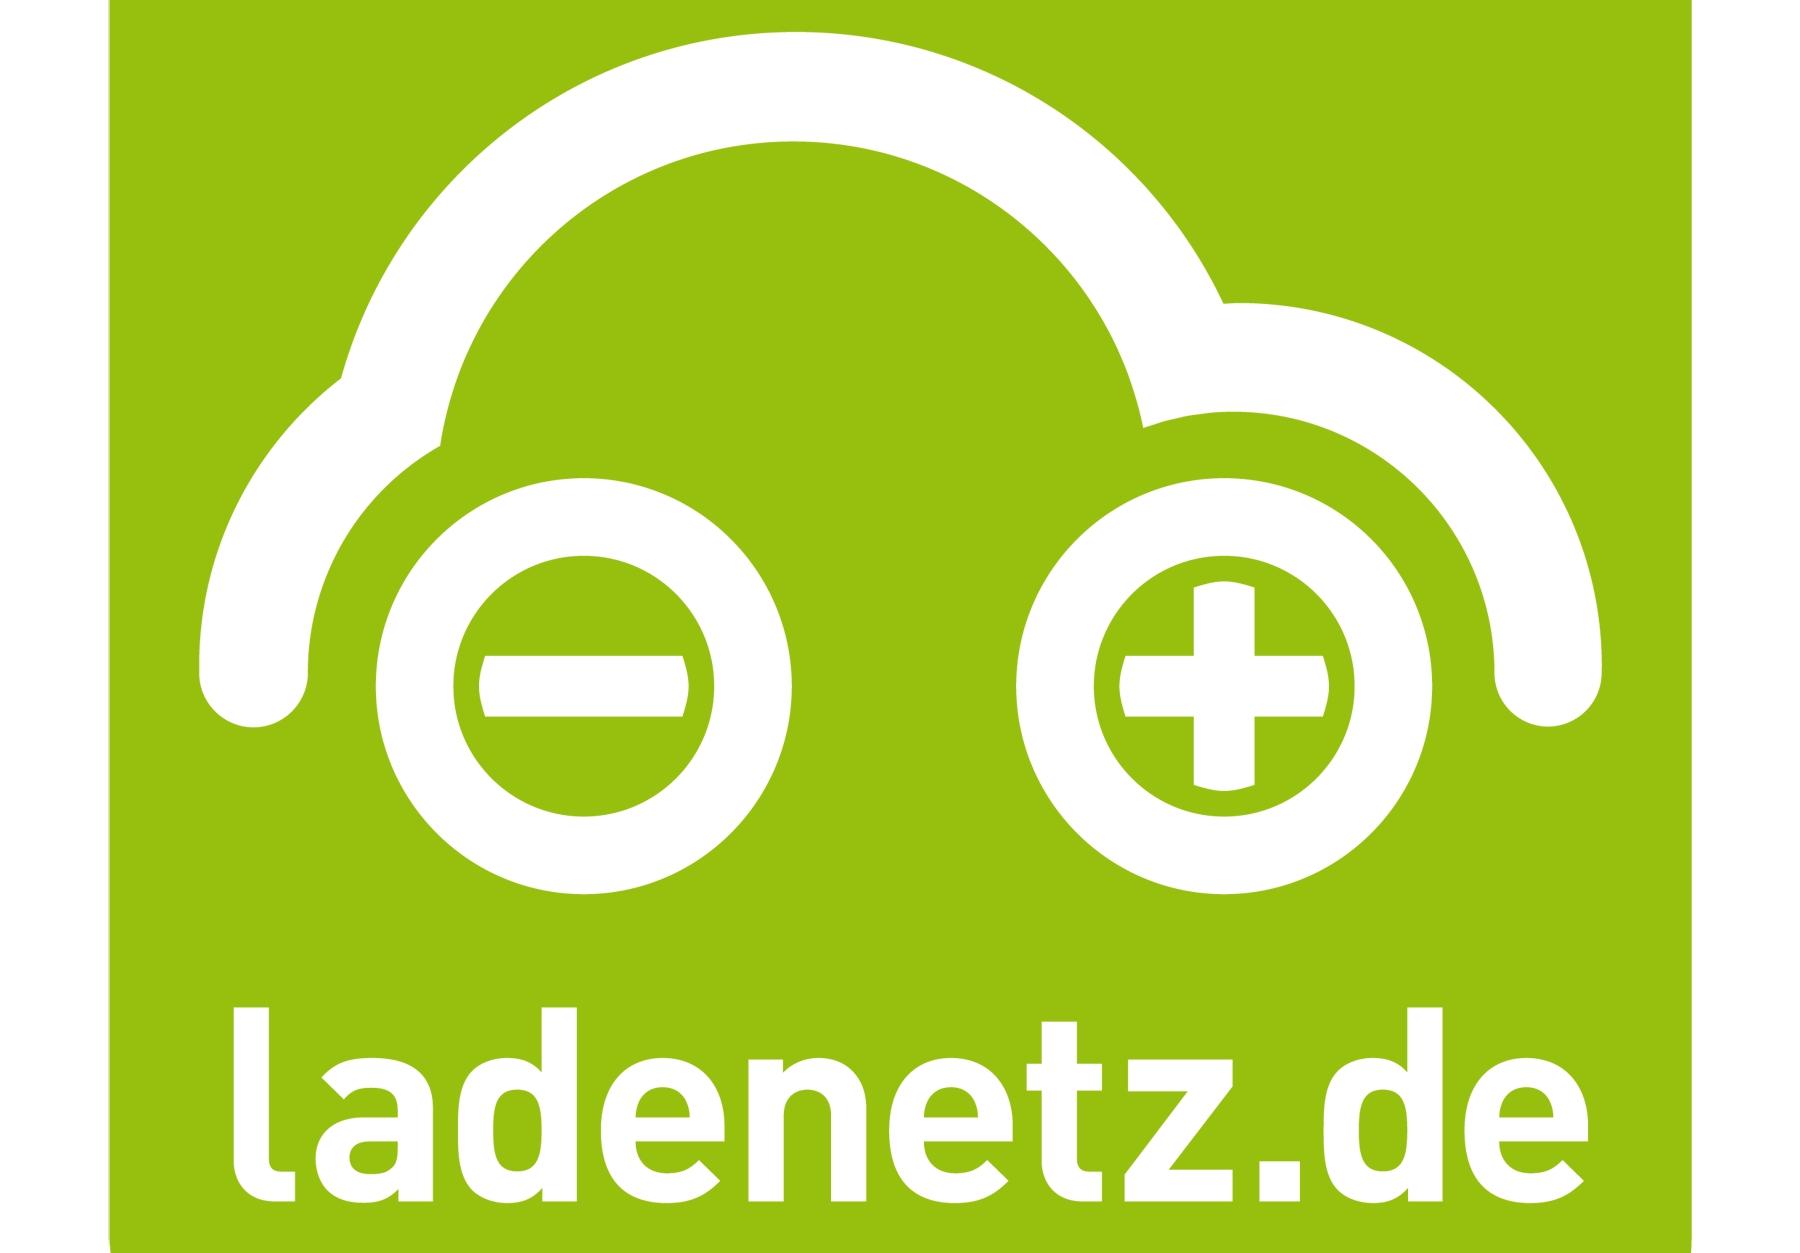 Ladenetz